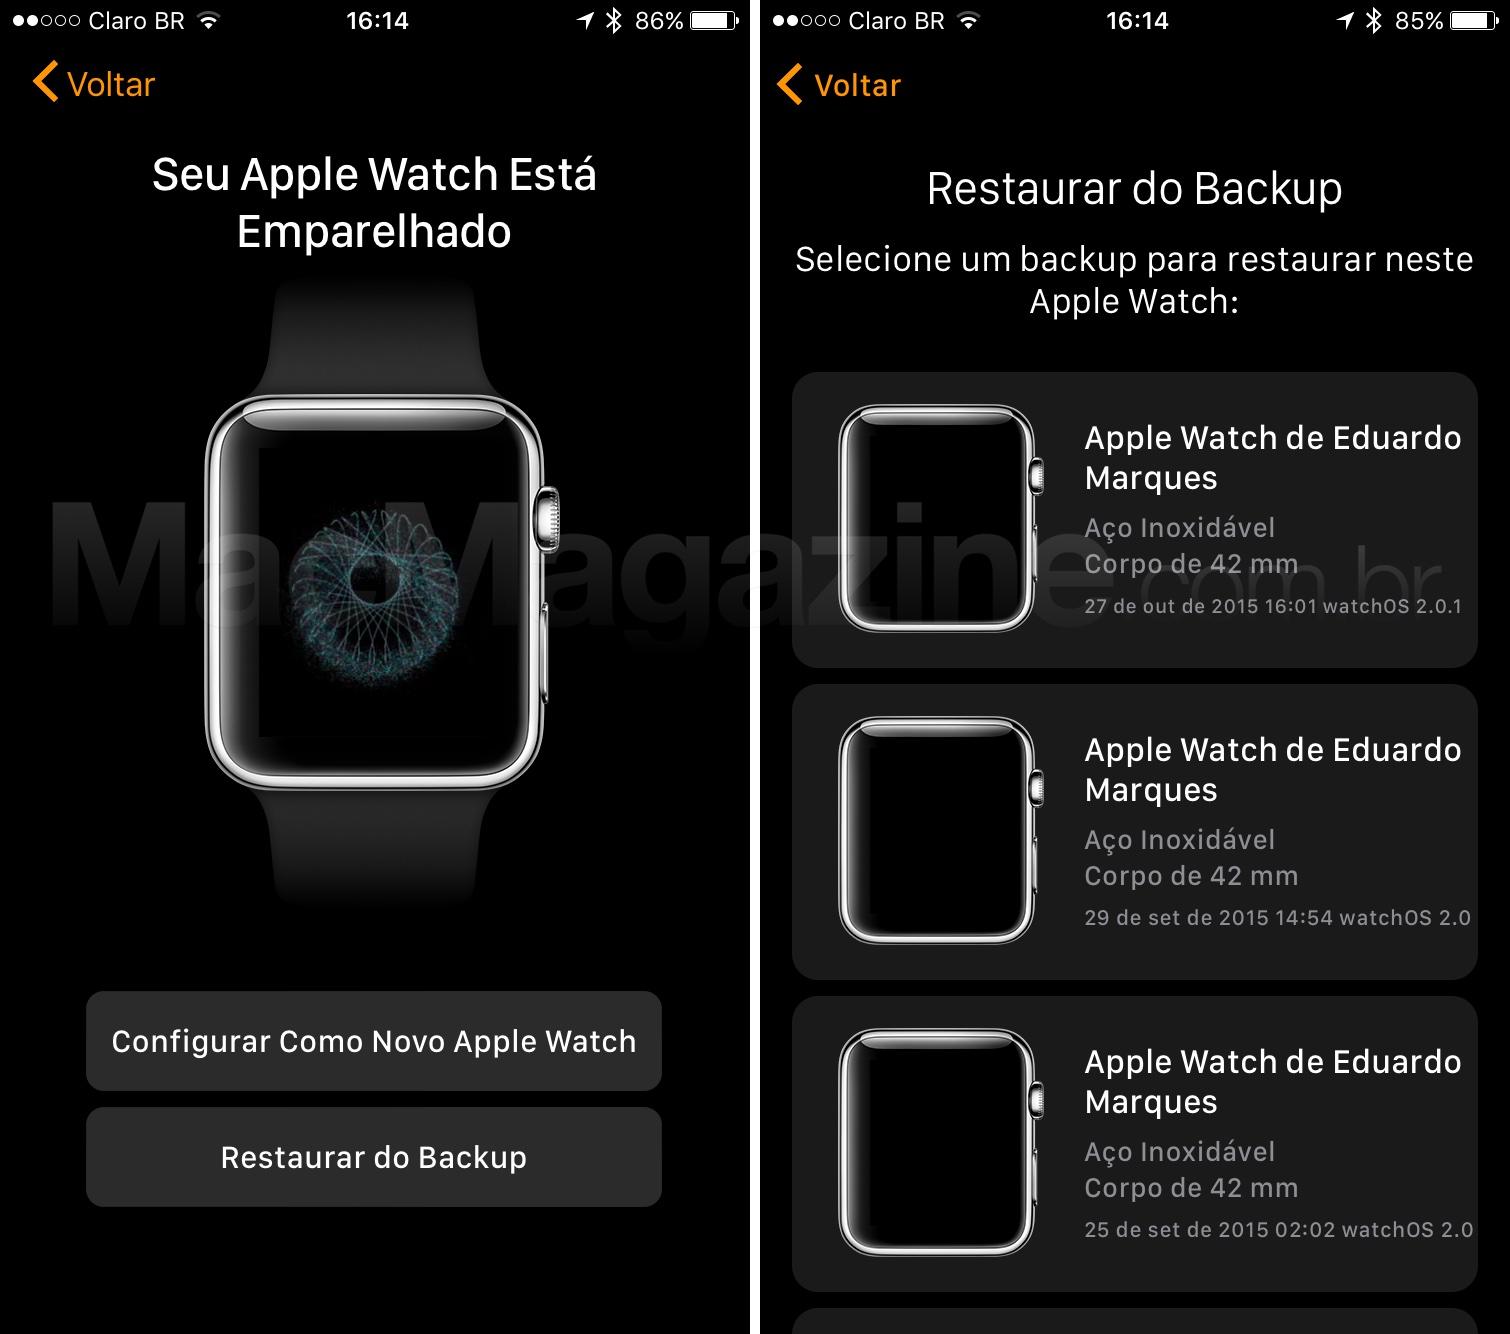 Transferindo dados do Apple Watch para um novo iPhone